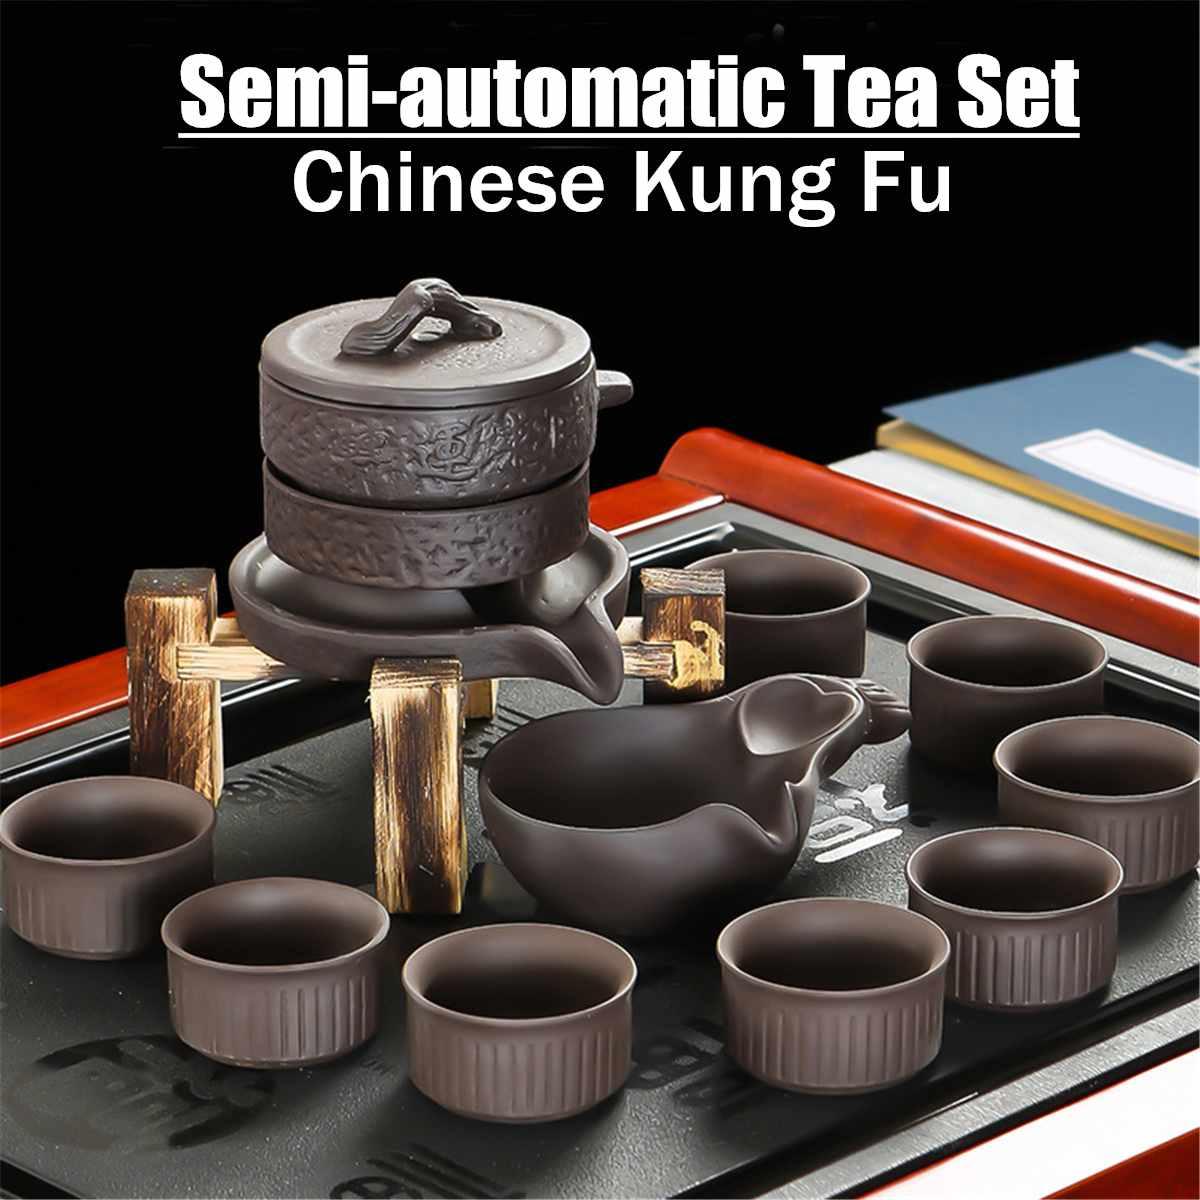 11 pièces/ensemble en céramique semi-automatique violet argile thé ensembles chinois Kung Fu théière Teacup infuseur pichet tasse cadeaux de cérémonie